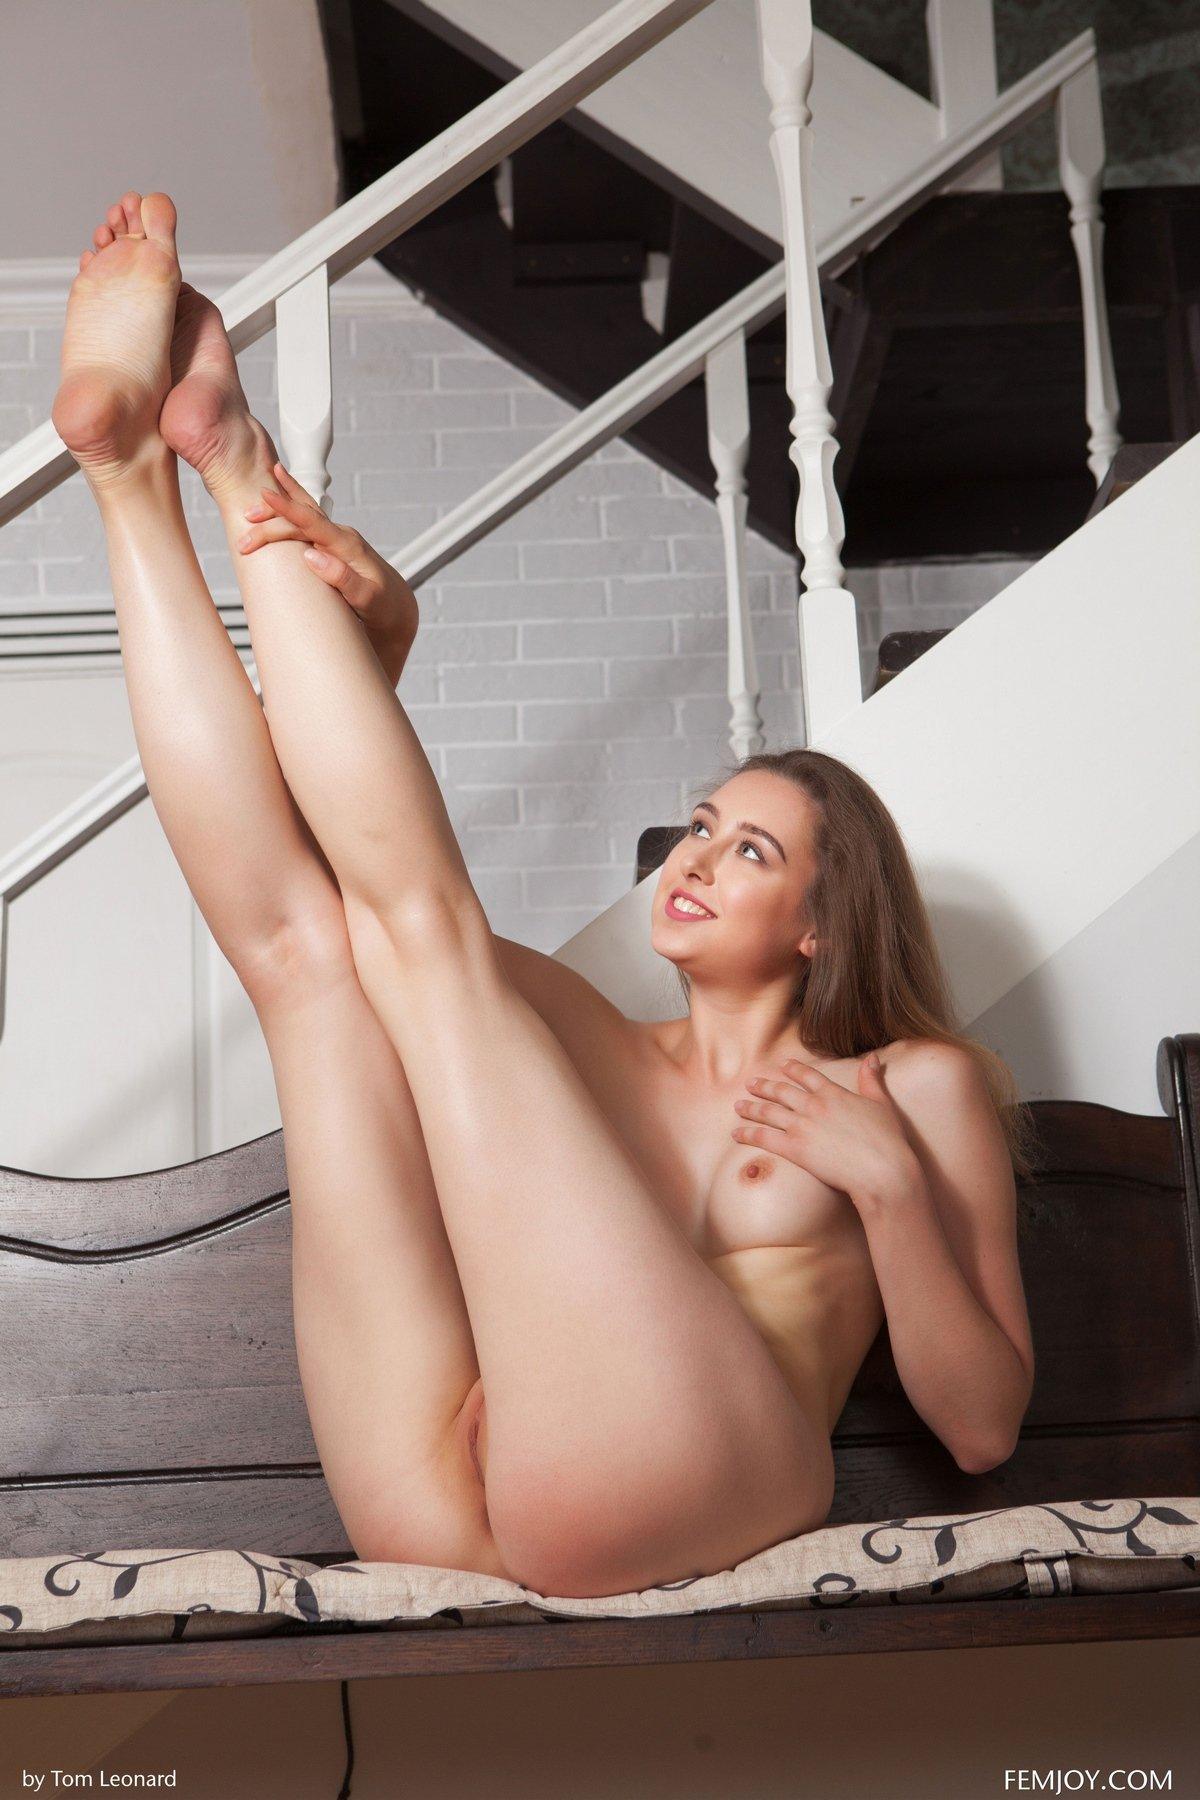 Голубоглазая красотка в кружевном наряде секс фото